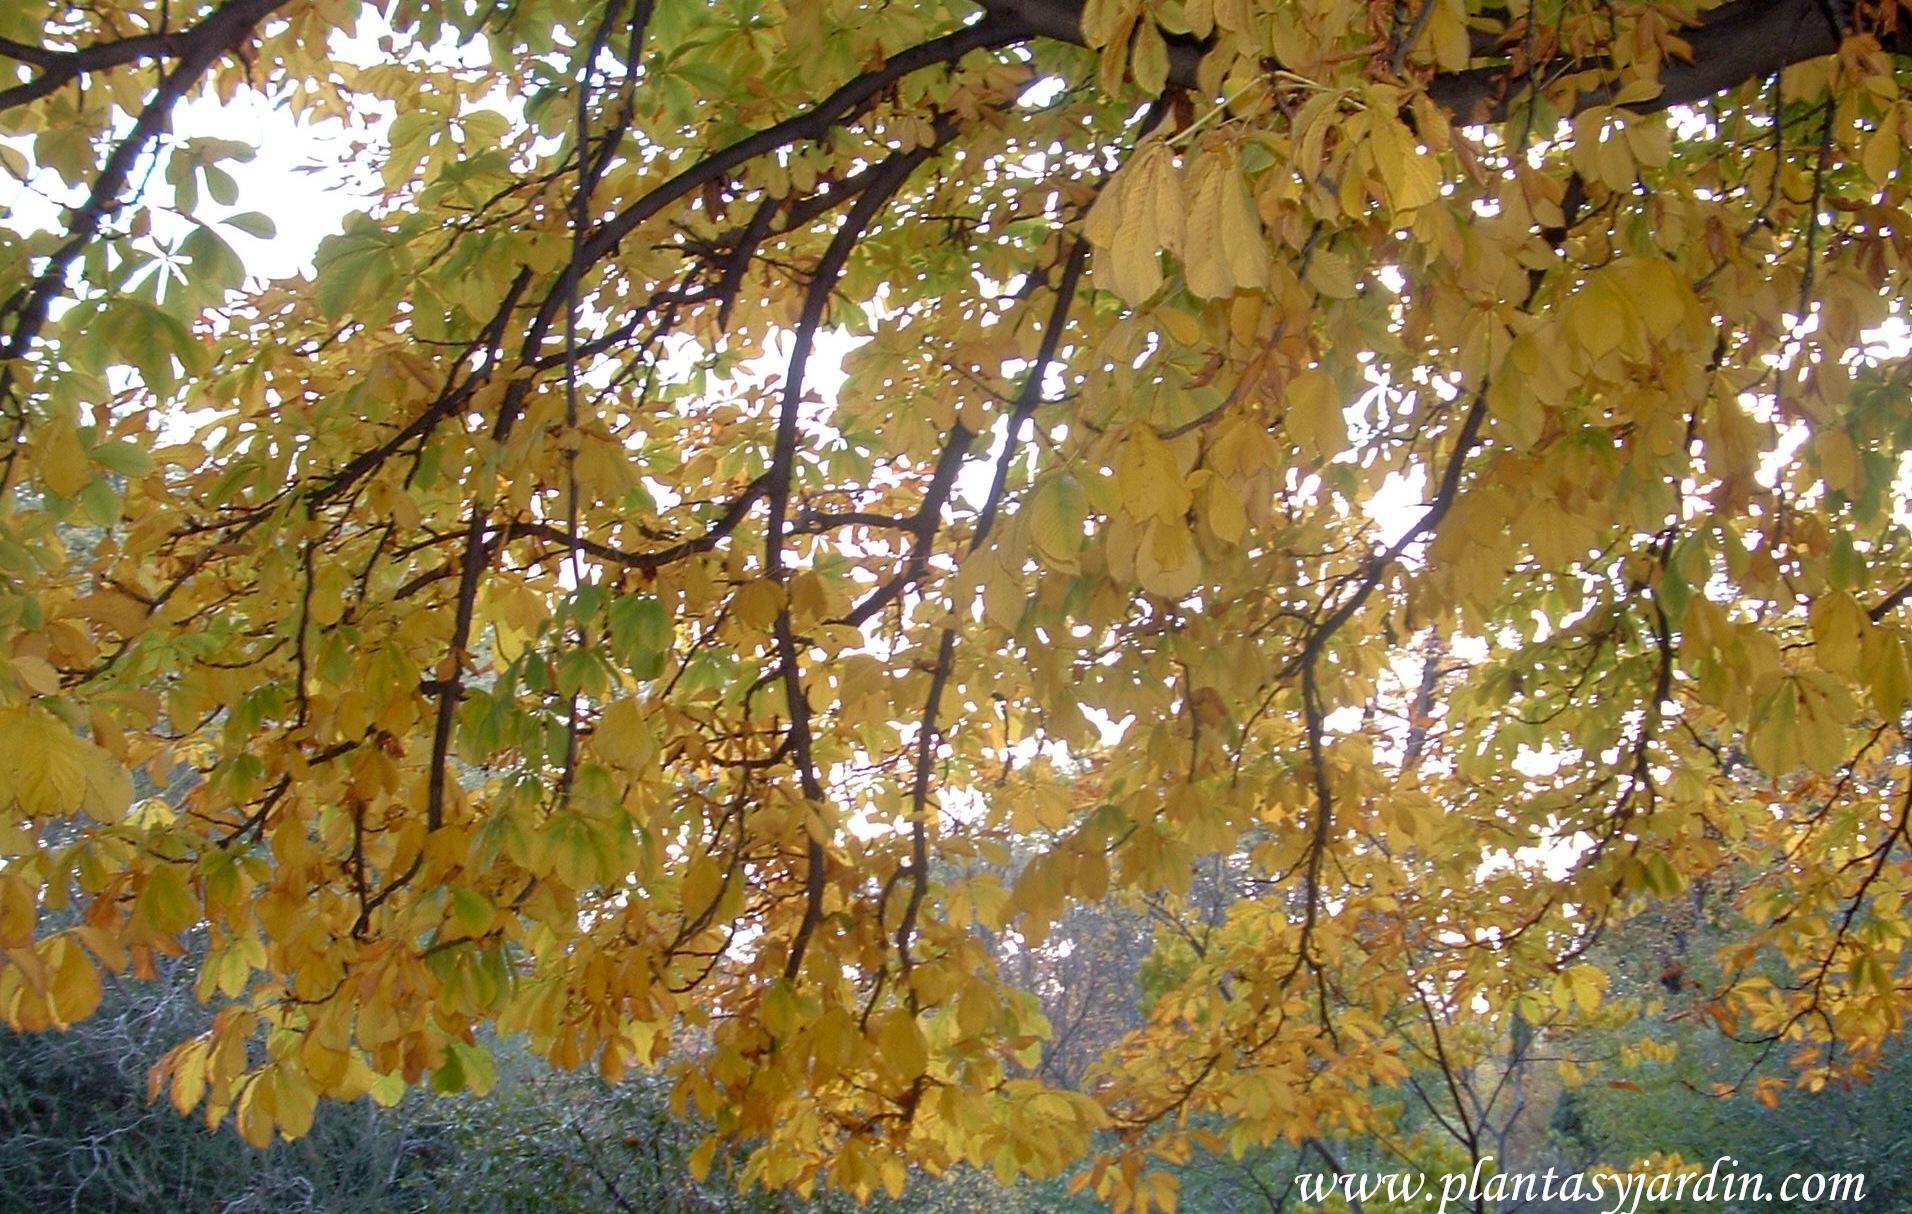 Acer Buergerianum Acer Tridentado Arce Tridente Plantas Y Jardín